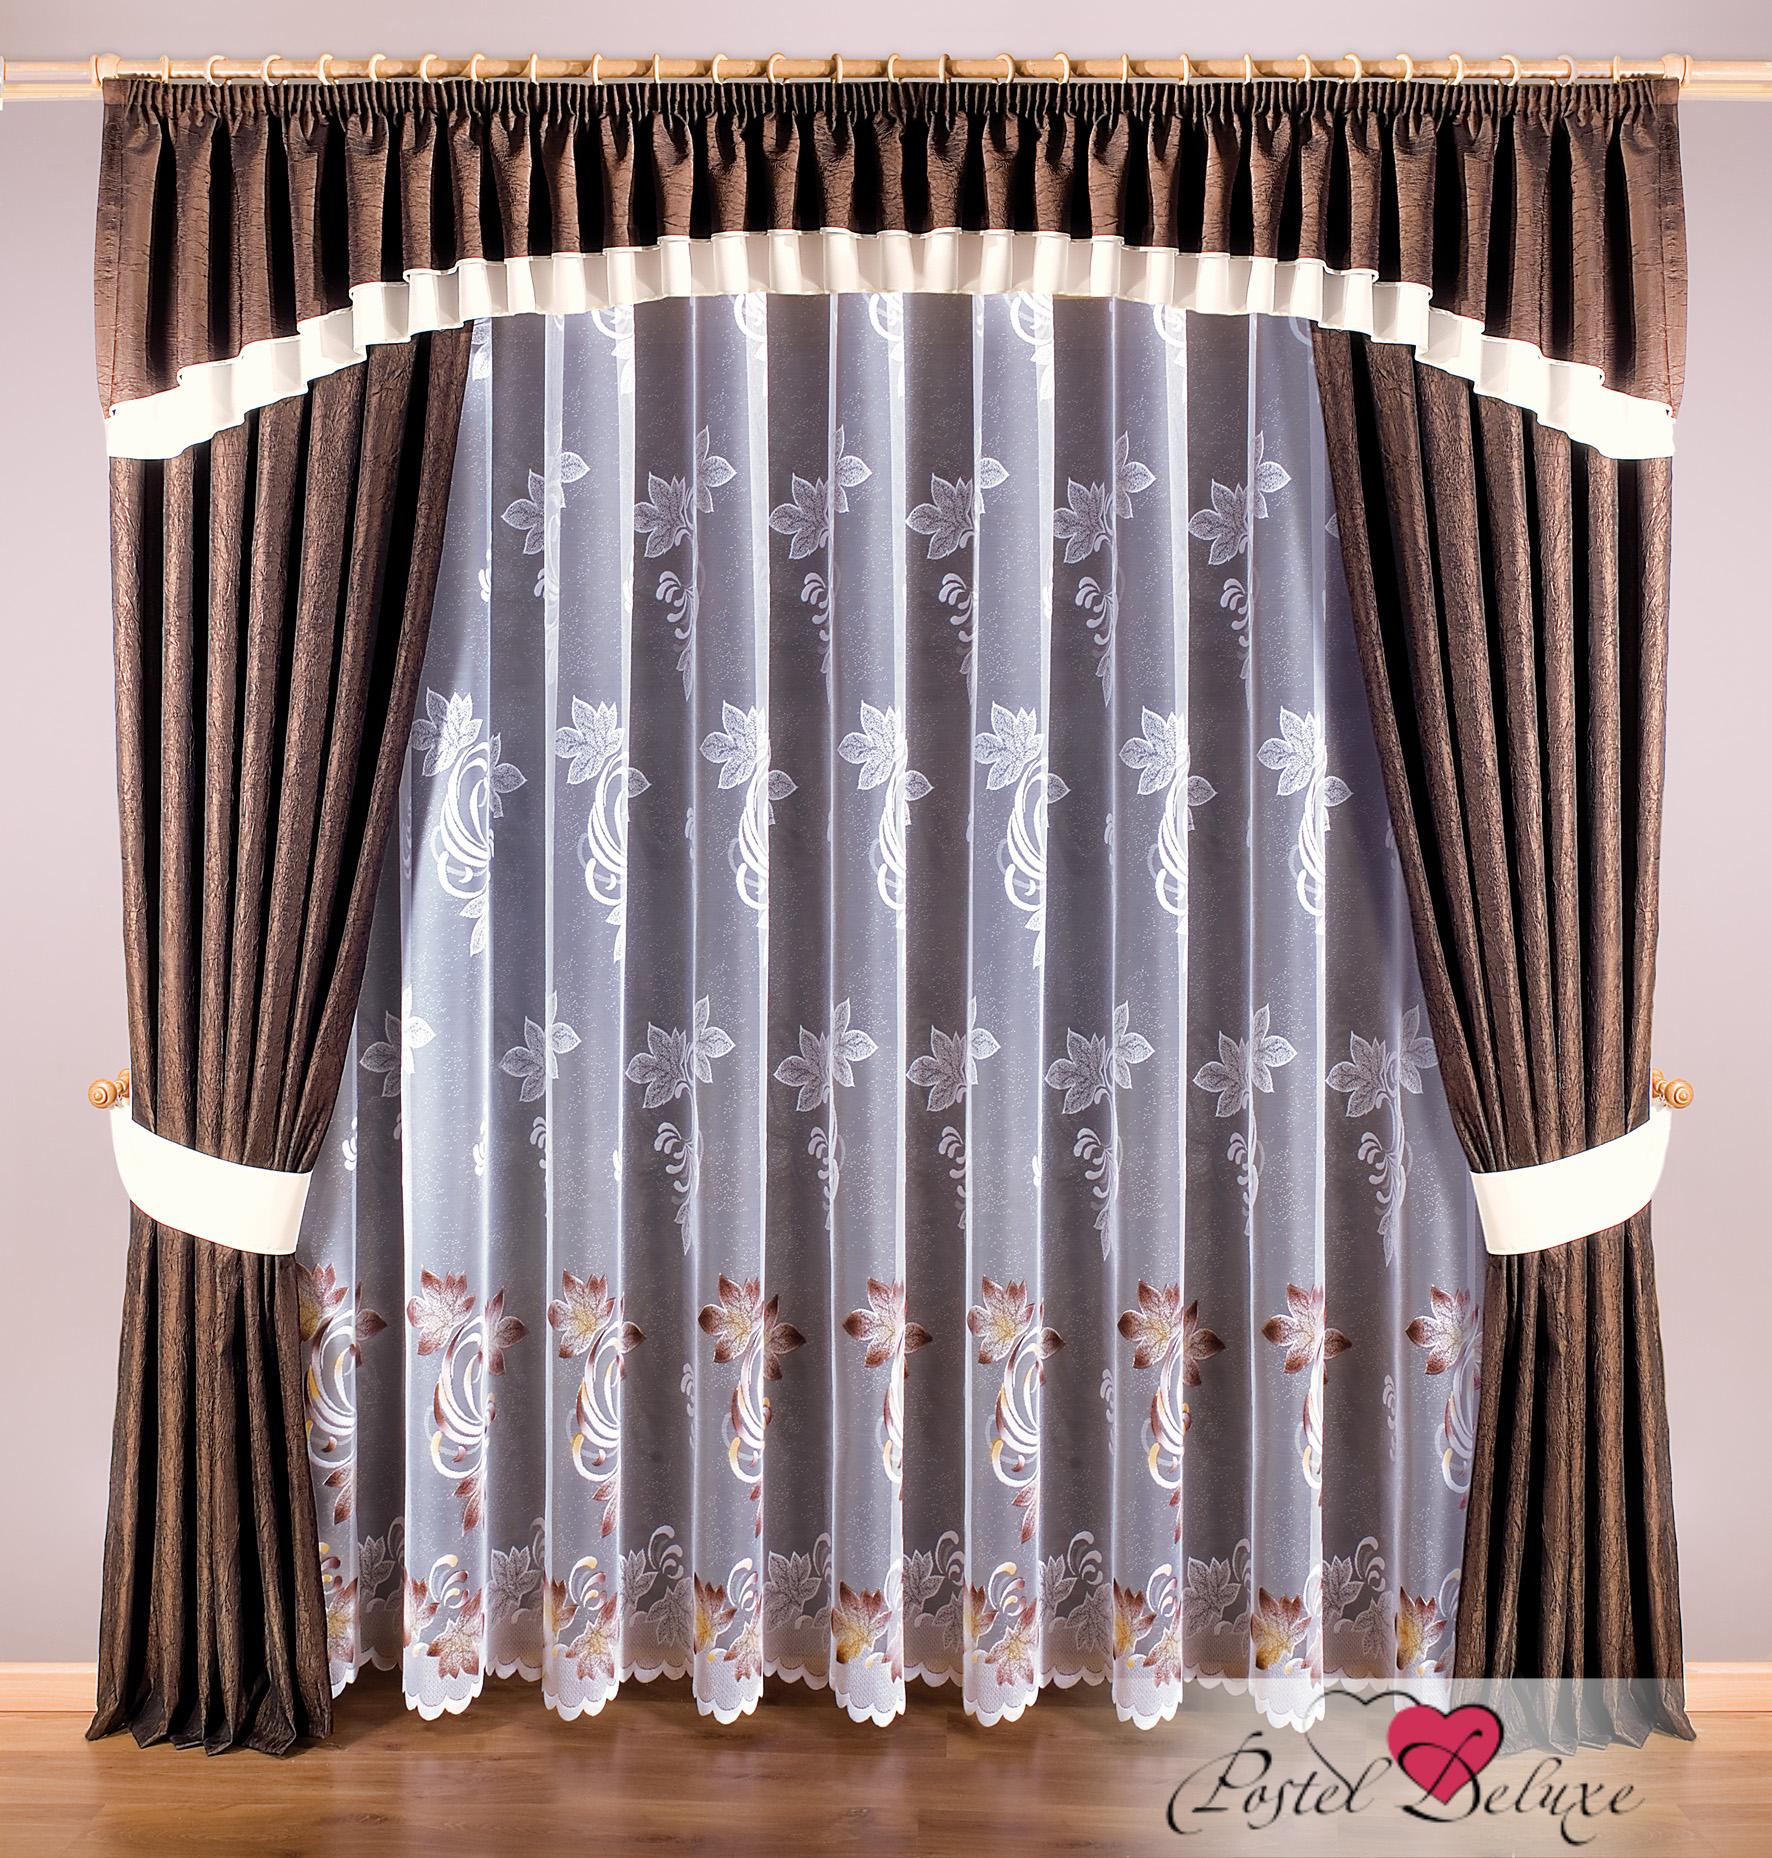 загородив Можно ли вернуть качественную штору в магазин Диаспара